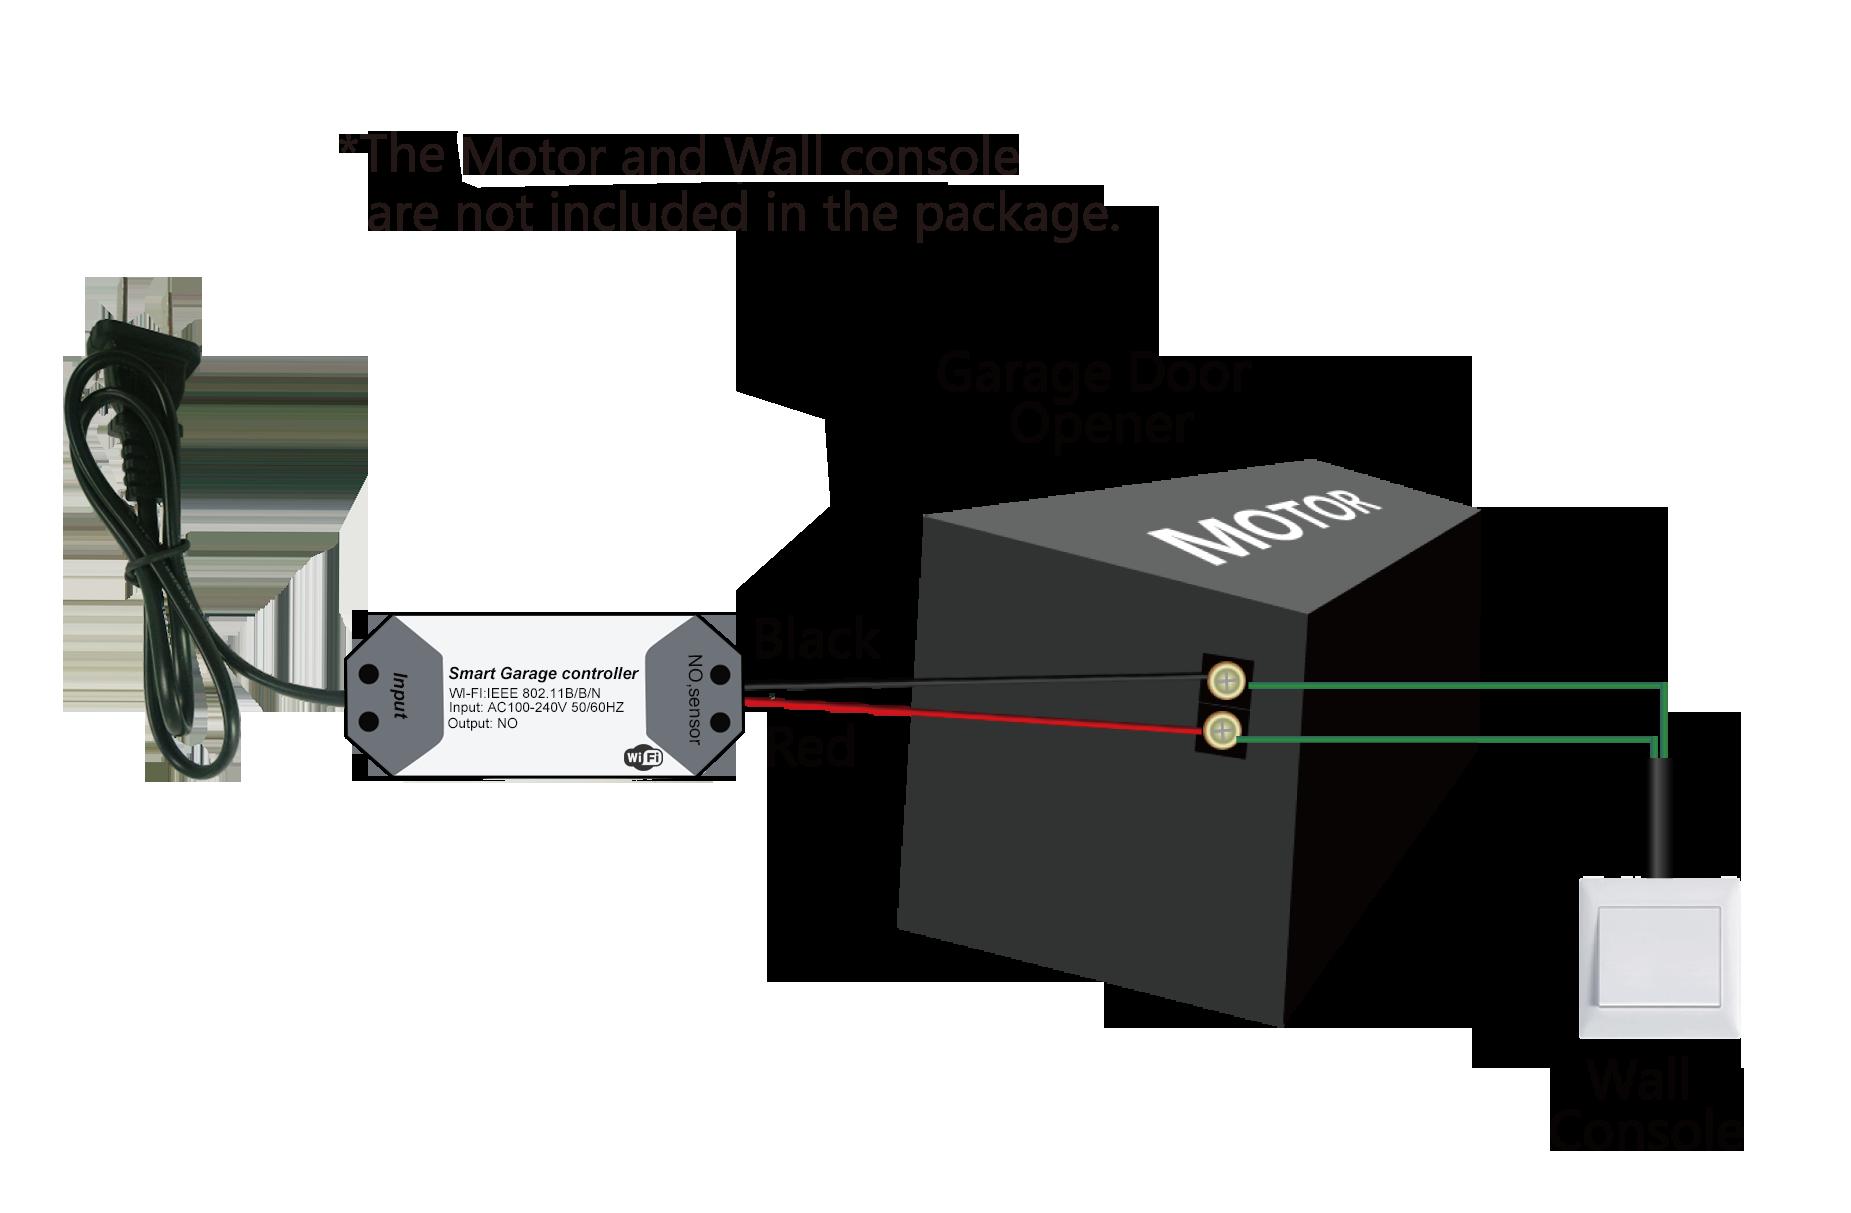 H1d8ec1ce4a374e3a9abf233ccea1624f4 Wofea WiFi Switch Smart Garage Door Opener Controller Work With Alexa Echo Google Home SmartLife/Tuya APP Control No Hub Require